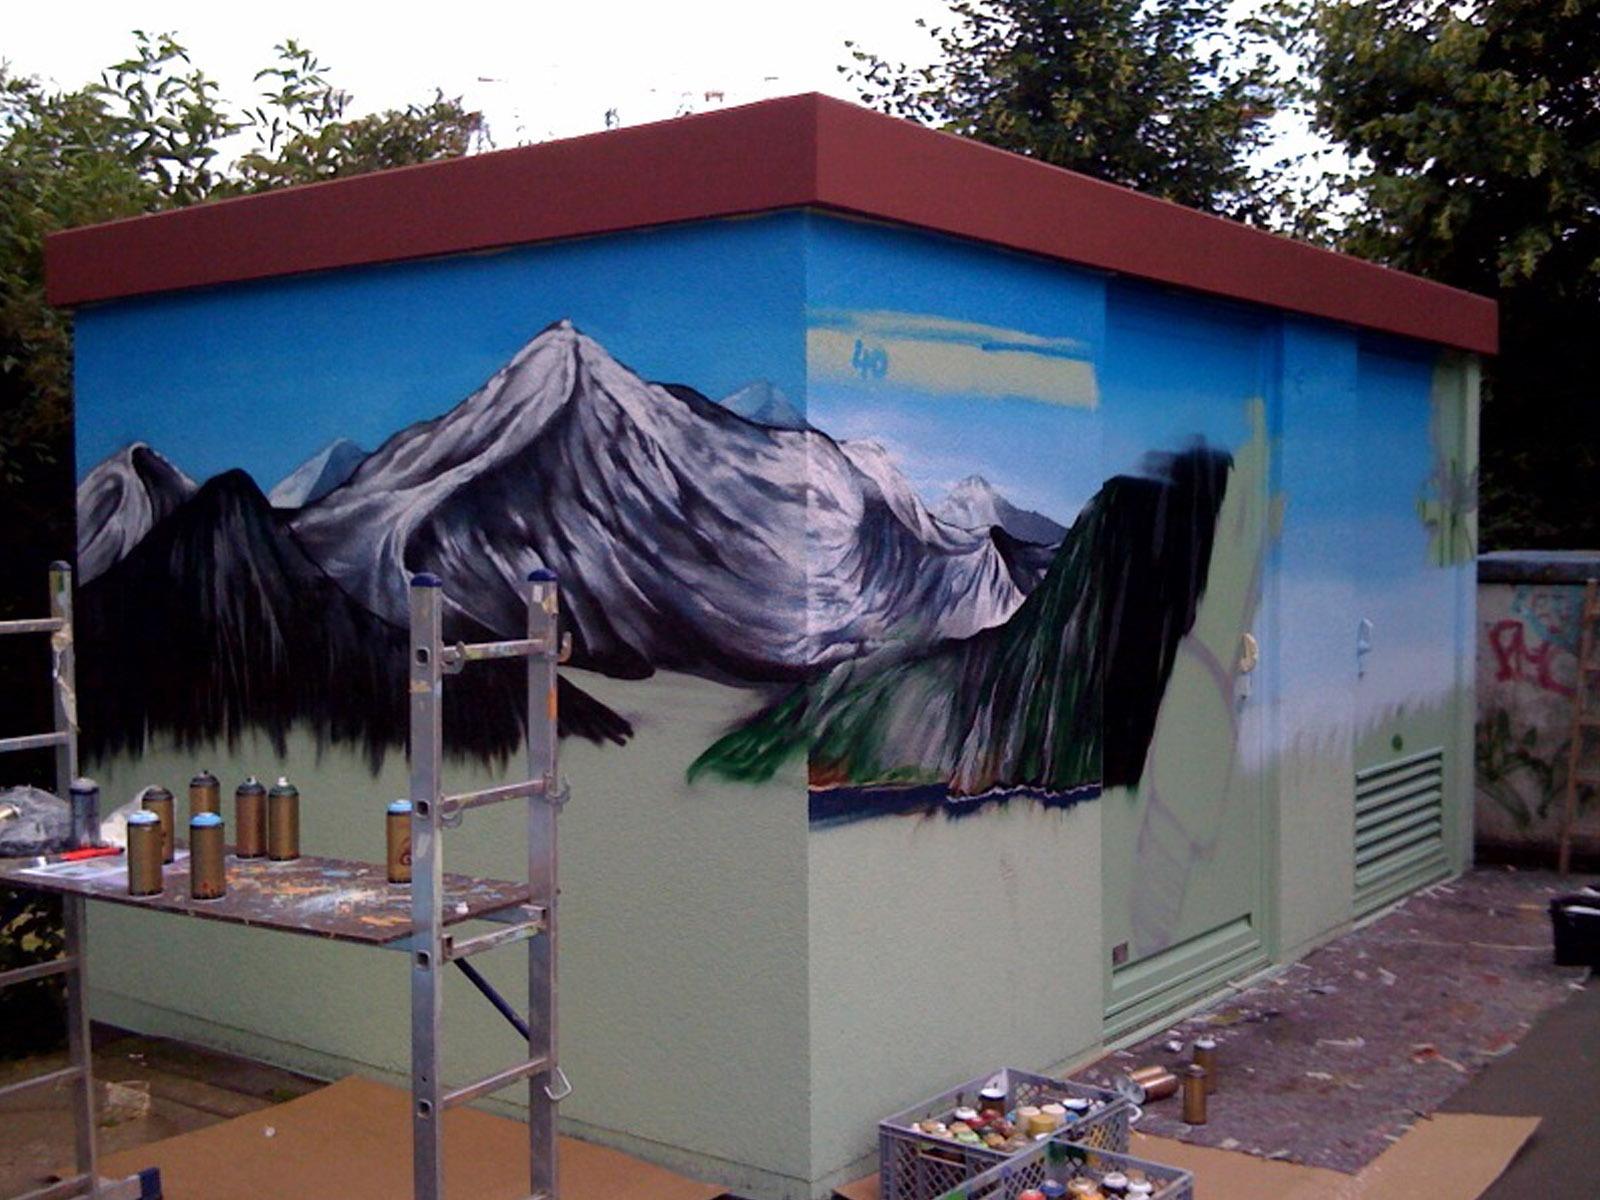 graffitiauftrag_graffitikuenstler_artmos4_stadtwerke_marburg_landschaft_energie_2